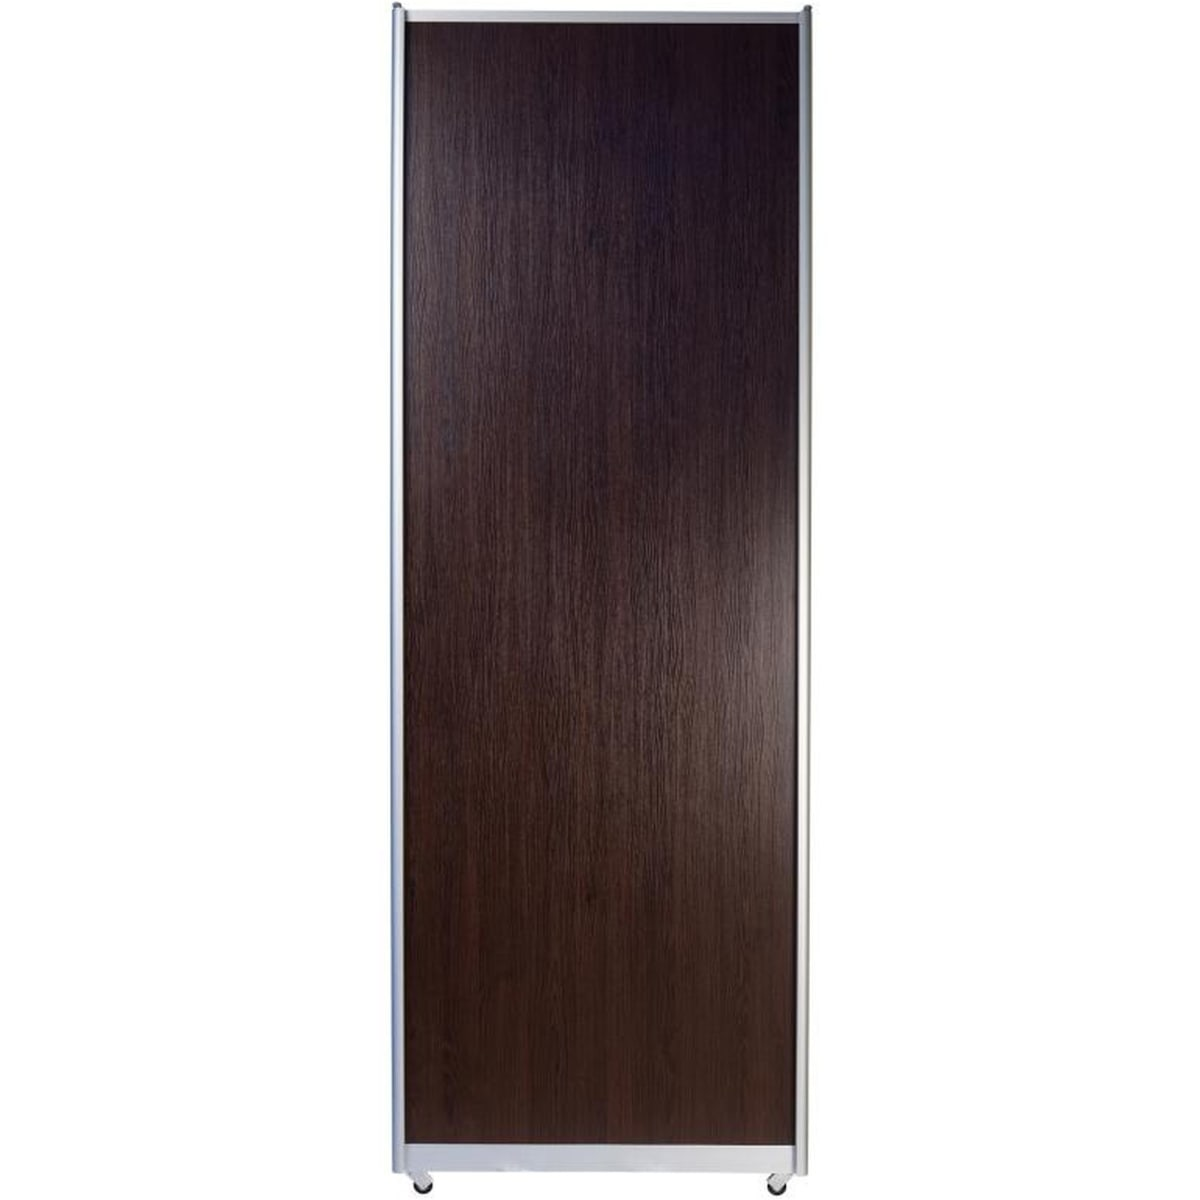 Дверь-купе Spaceo 2455х804 мм цвет венге